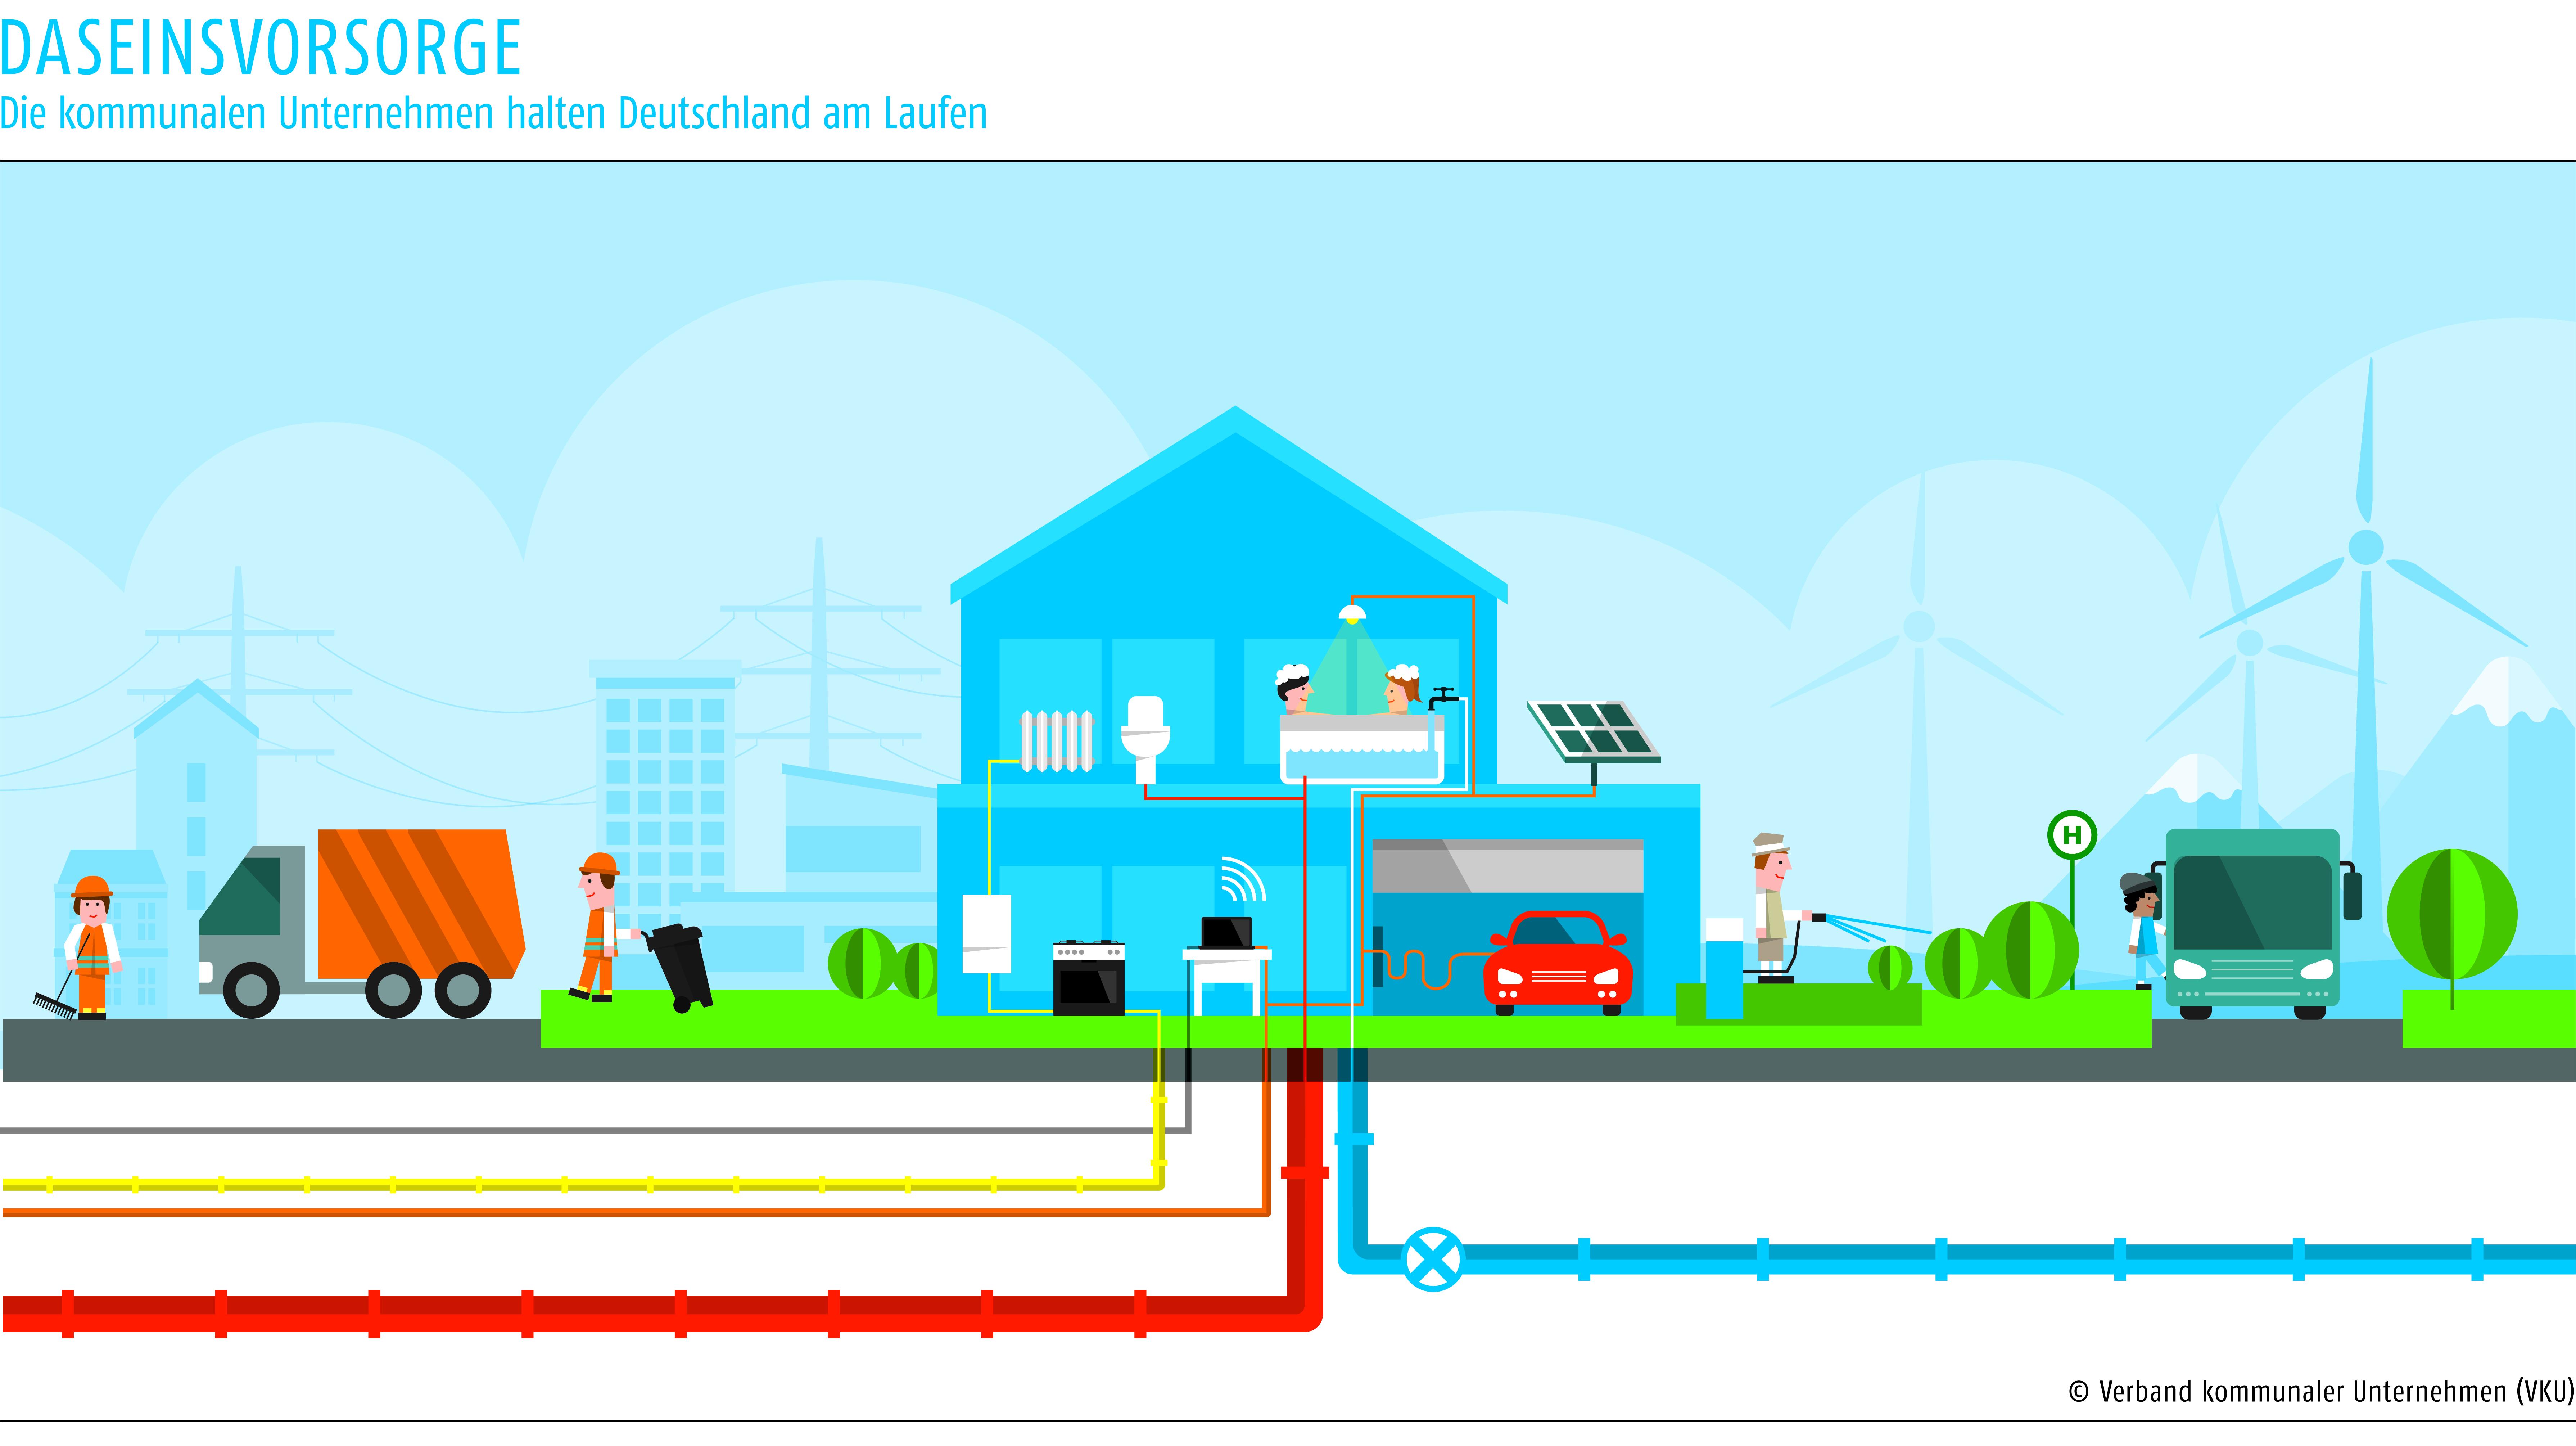 Daseinsvorsorge – kommunale Unternehmen halten Deutschland am Laufen